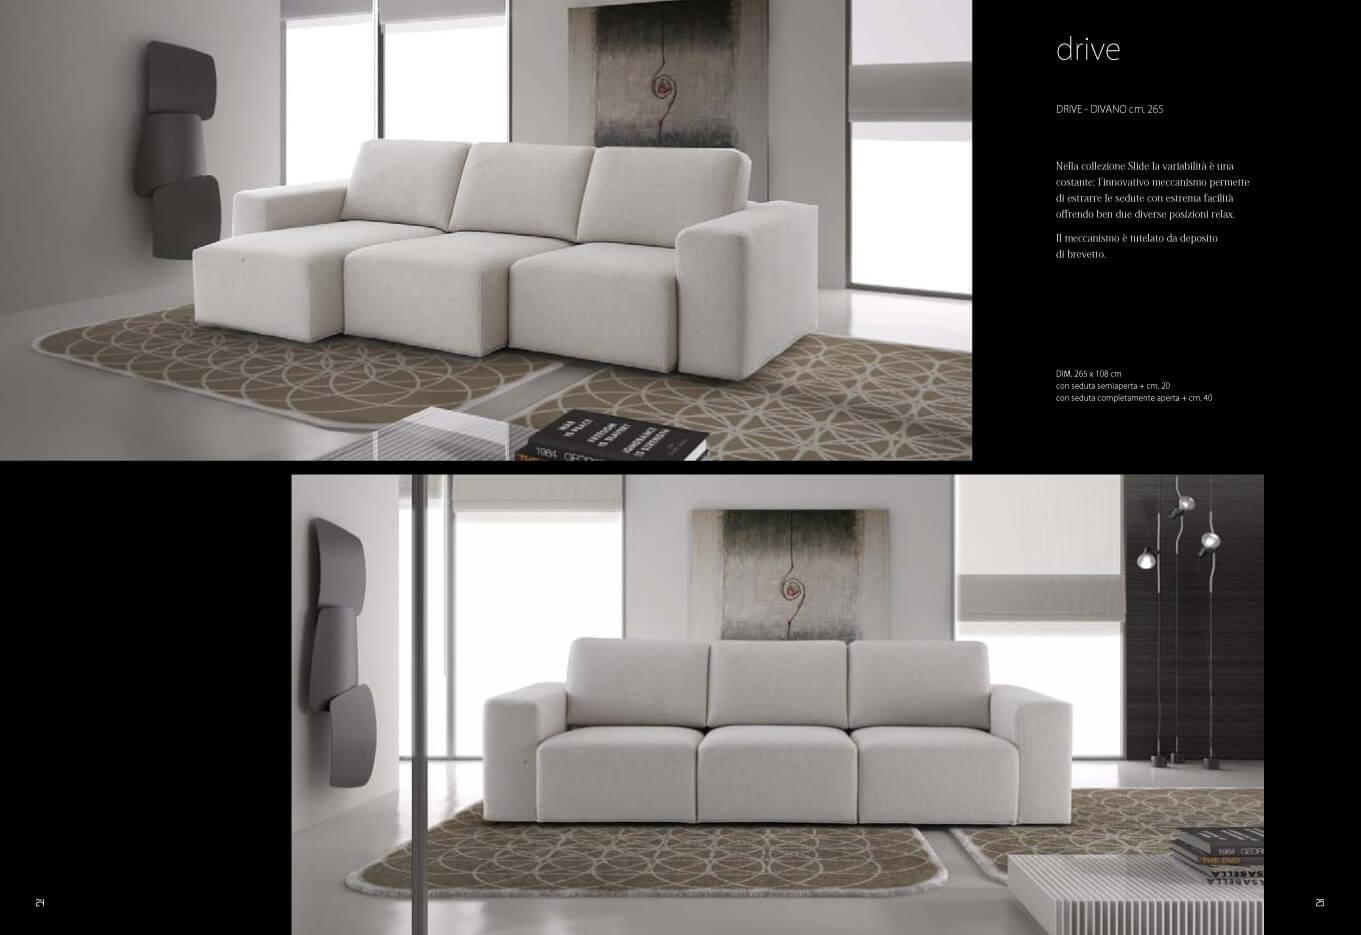 sliding-sofa-divano-con-sedute-scorrevoli-versione-lineare